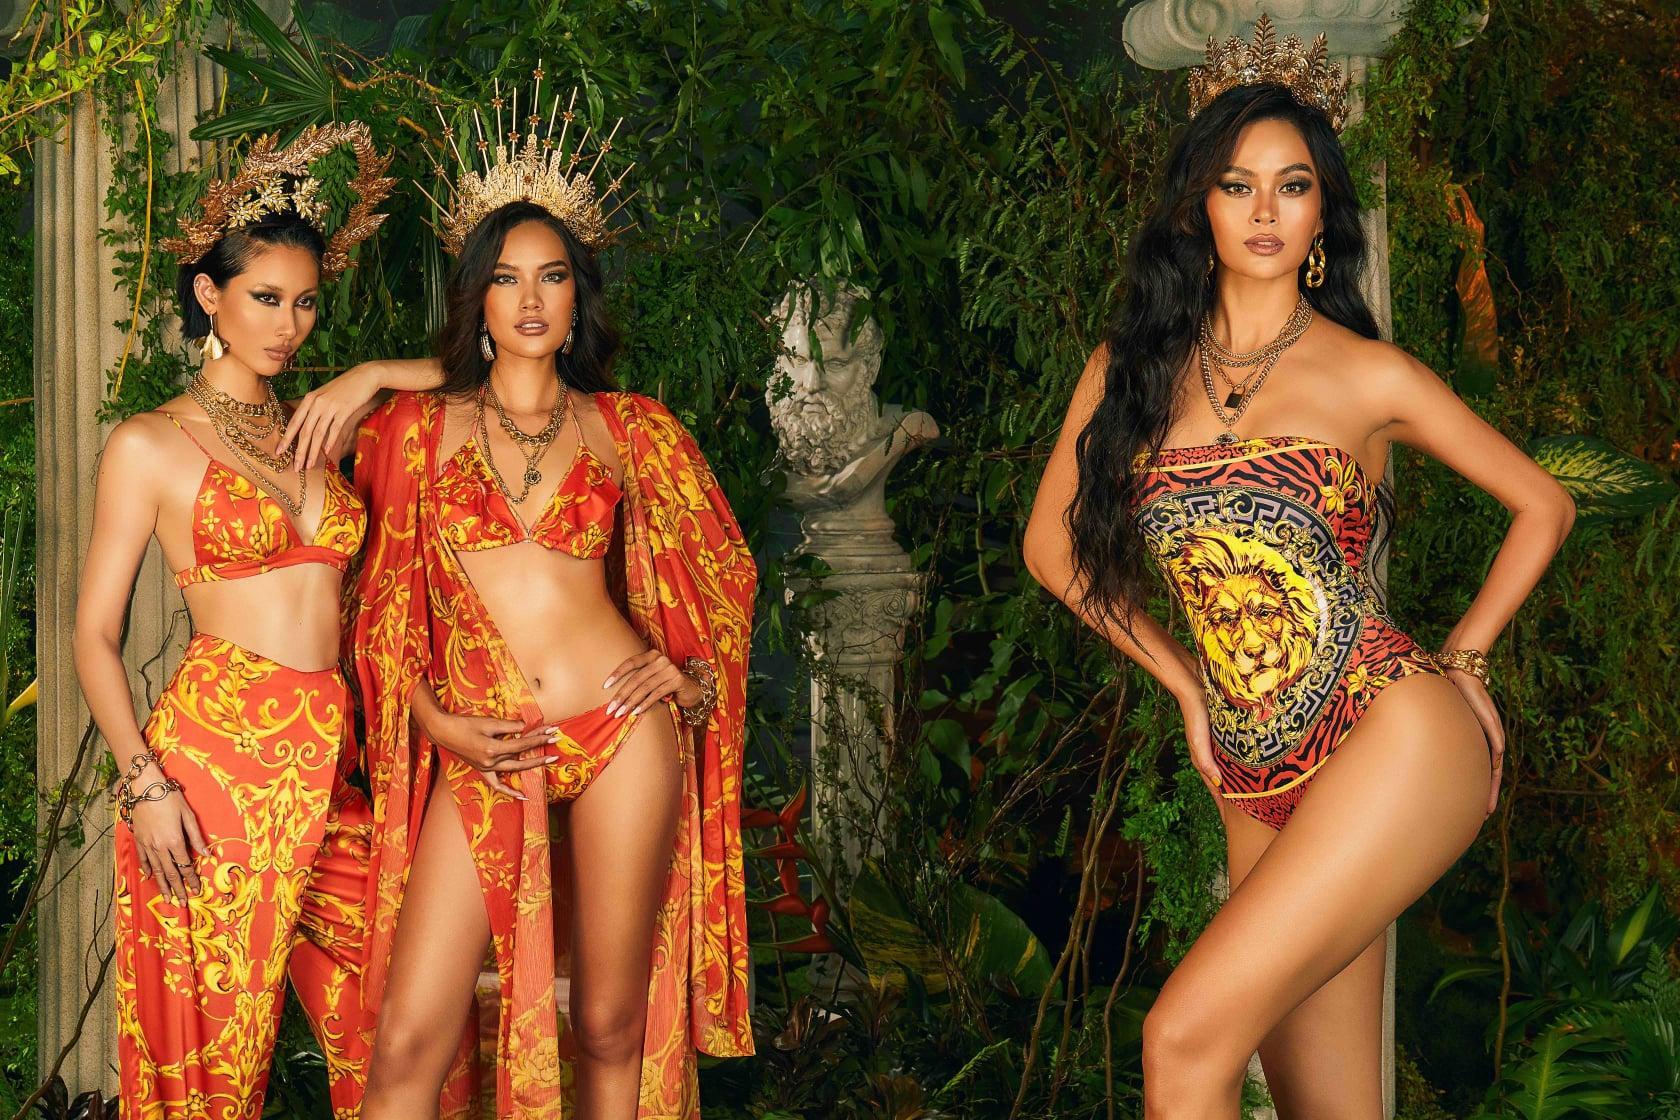 Mâu Thủy, Hằng Nguyễn, Hoàng Phương hóa nữ thần nóng bỏng trong bộ sưu tập xuân hè 'Barroco' Ảnh 5